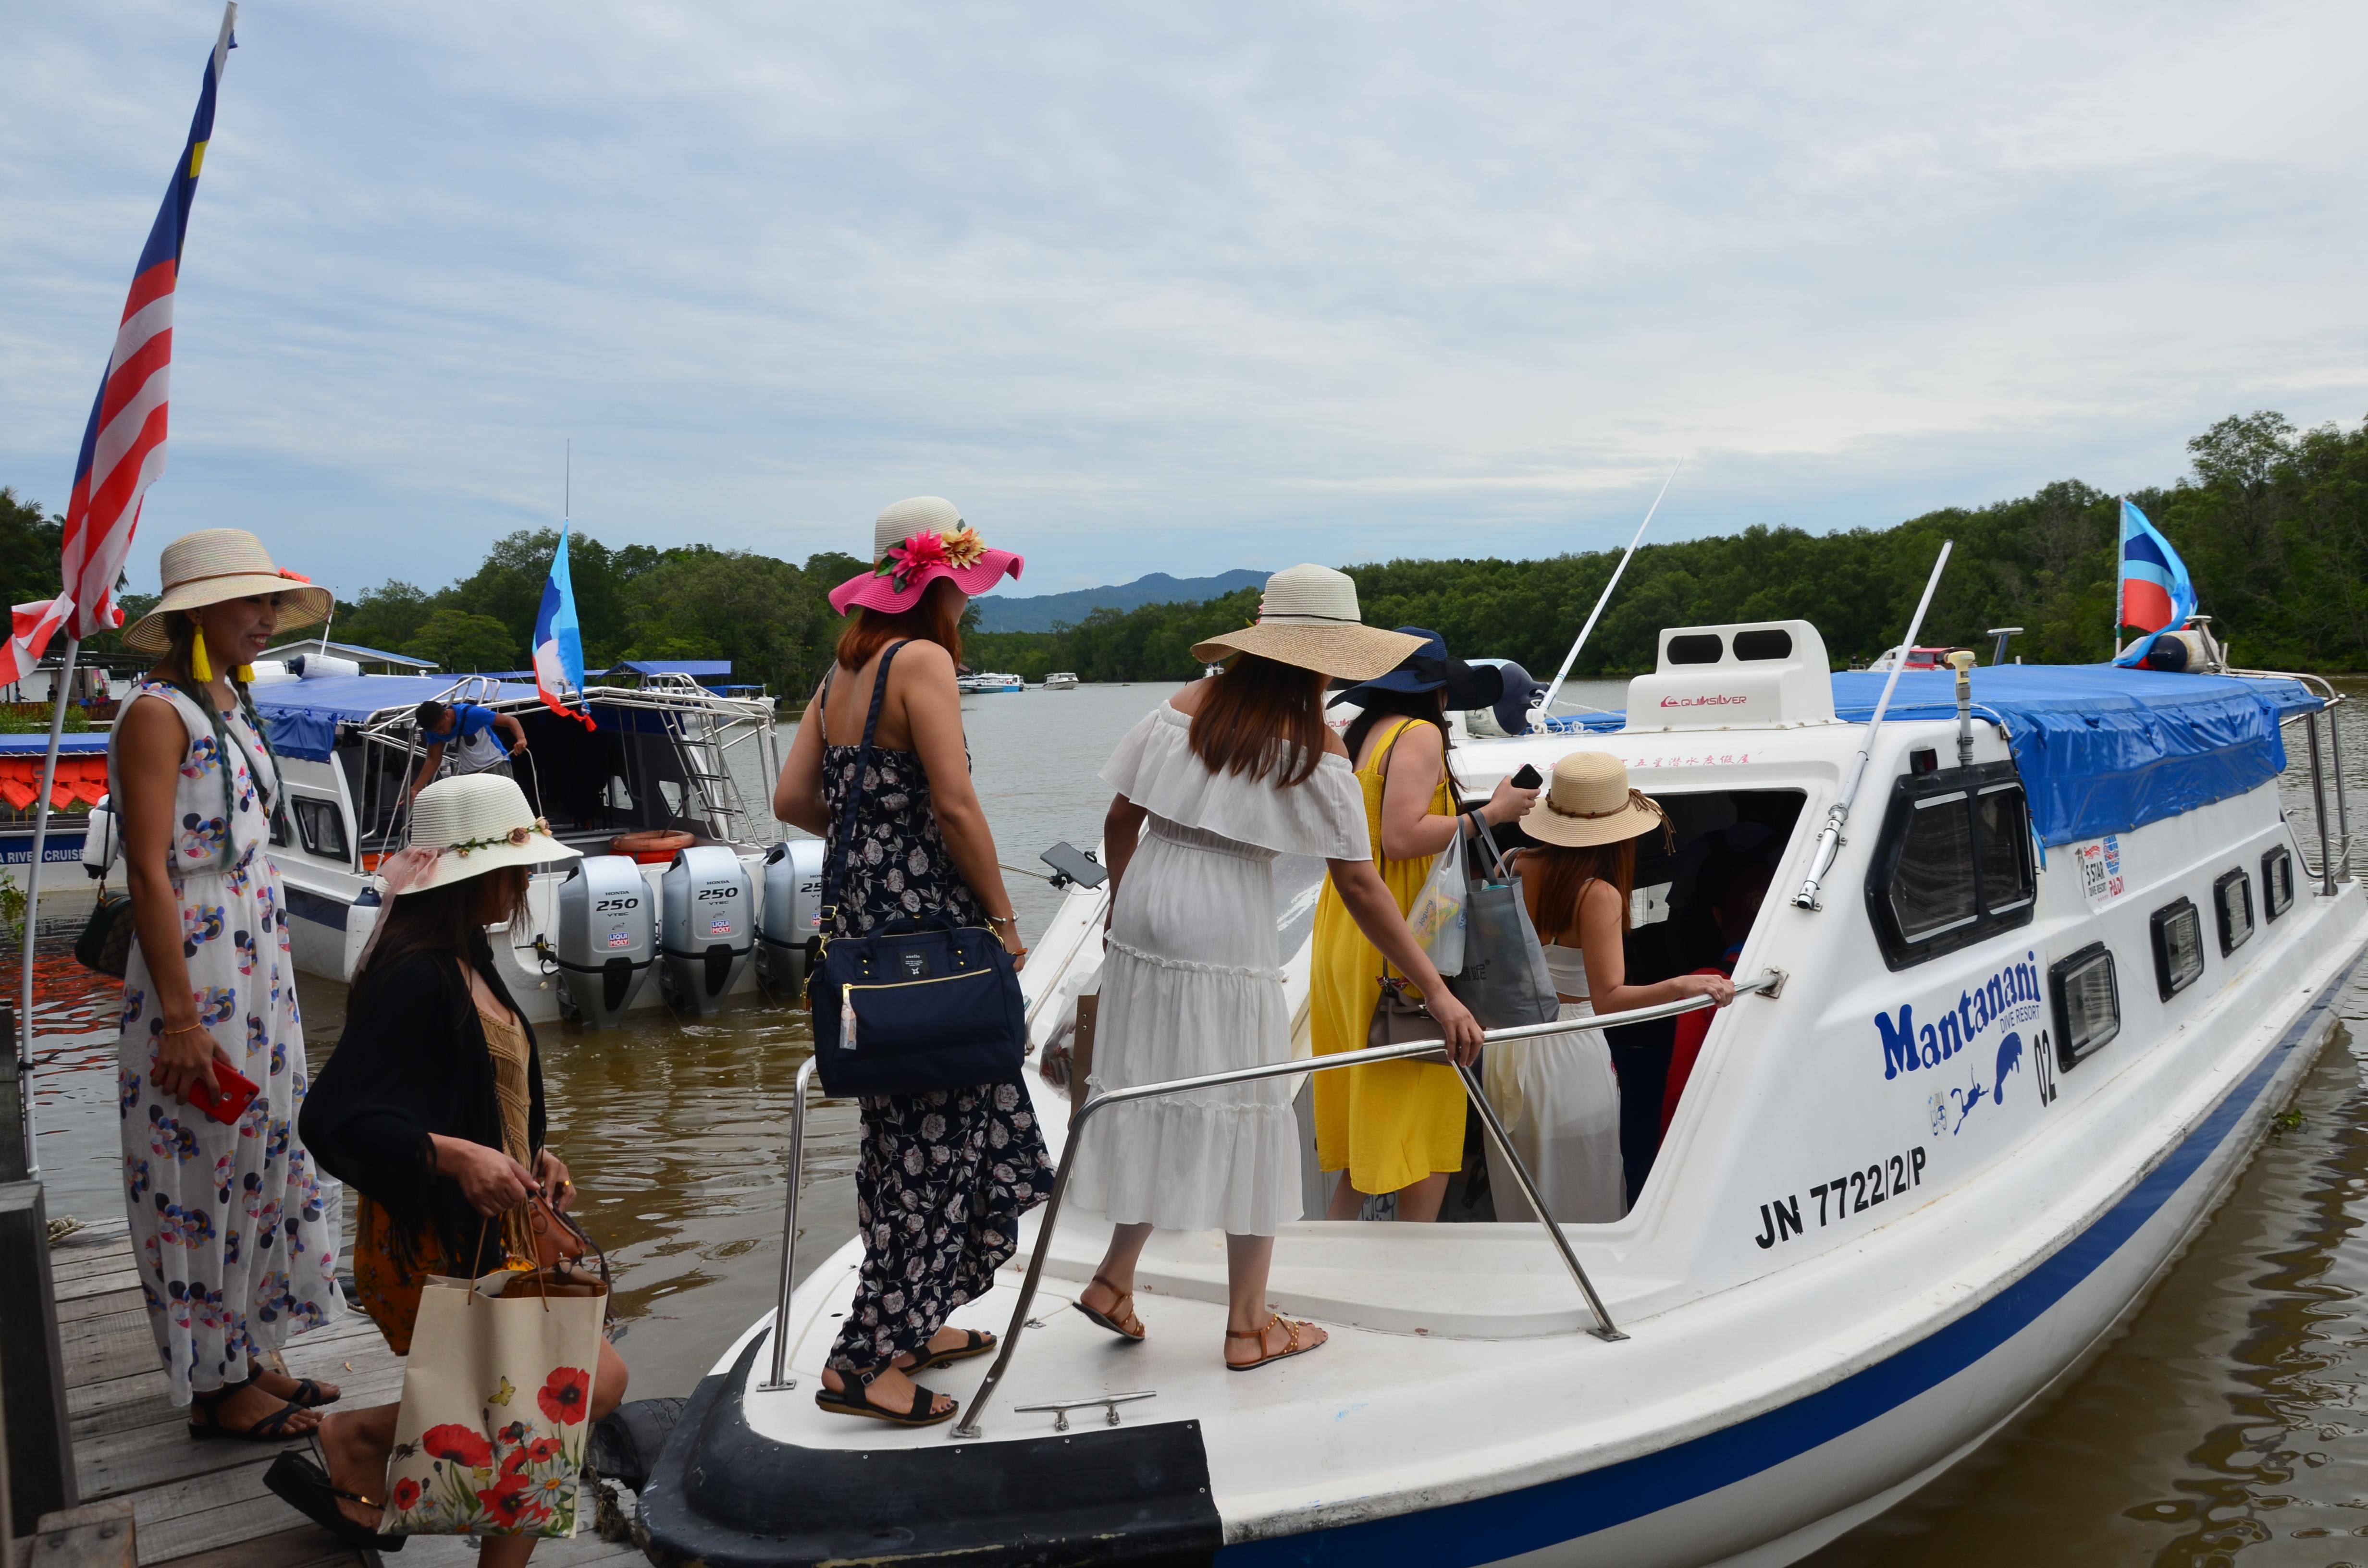 Китайські туристи піднімаються на яхту для прогулянки океаном та снорклінгу